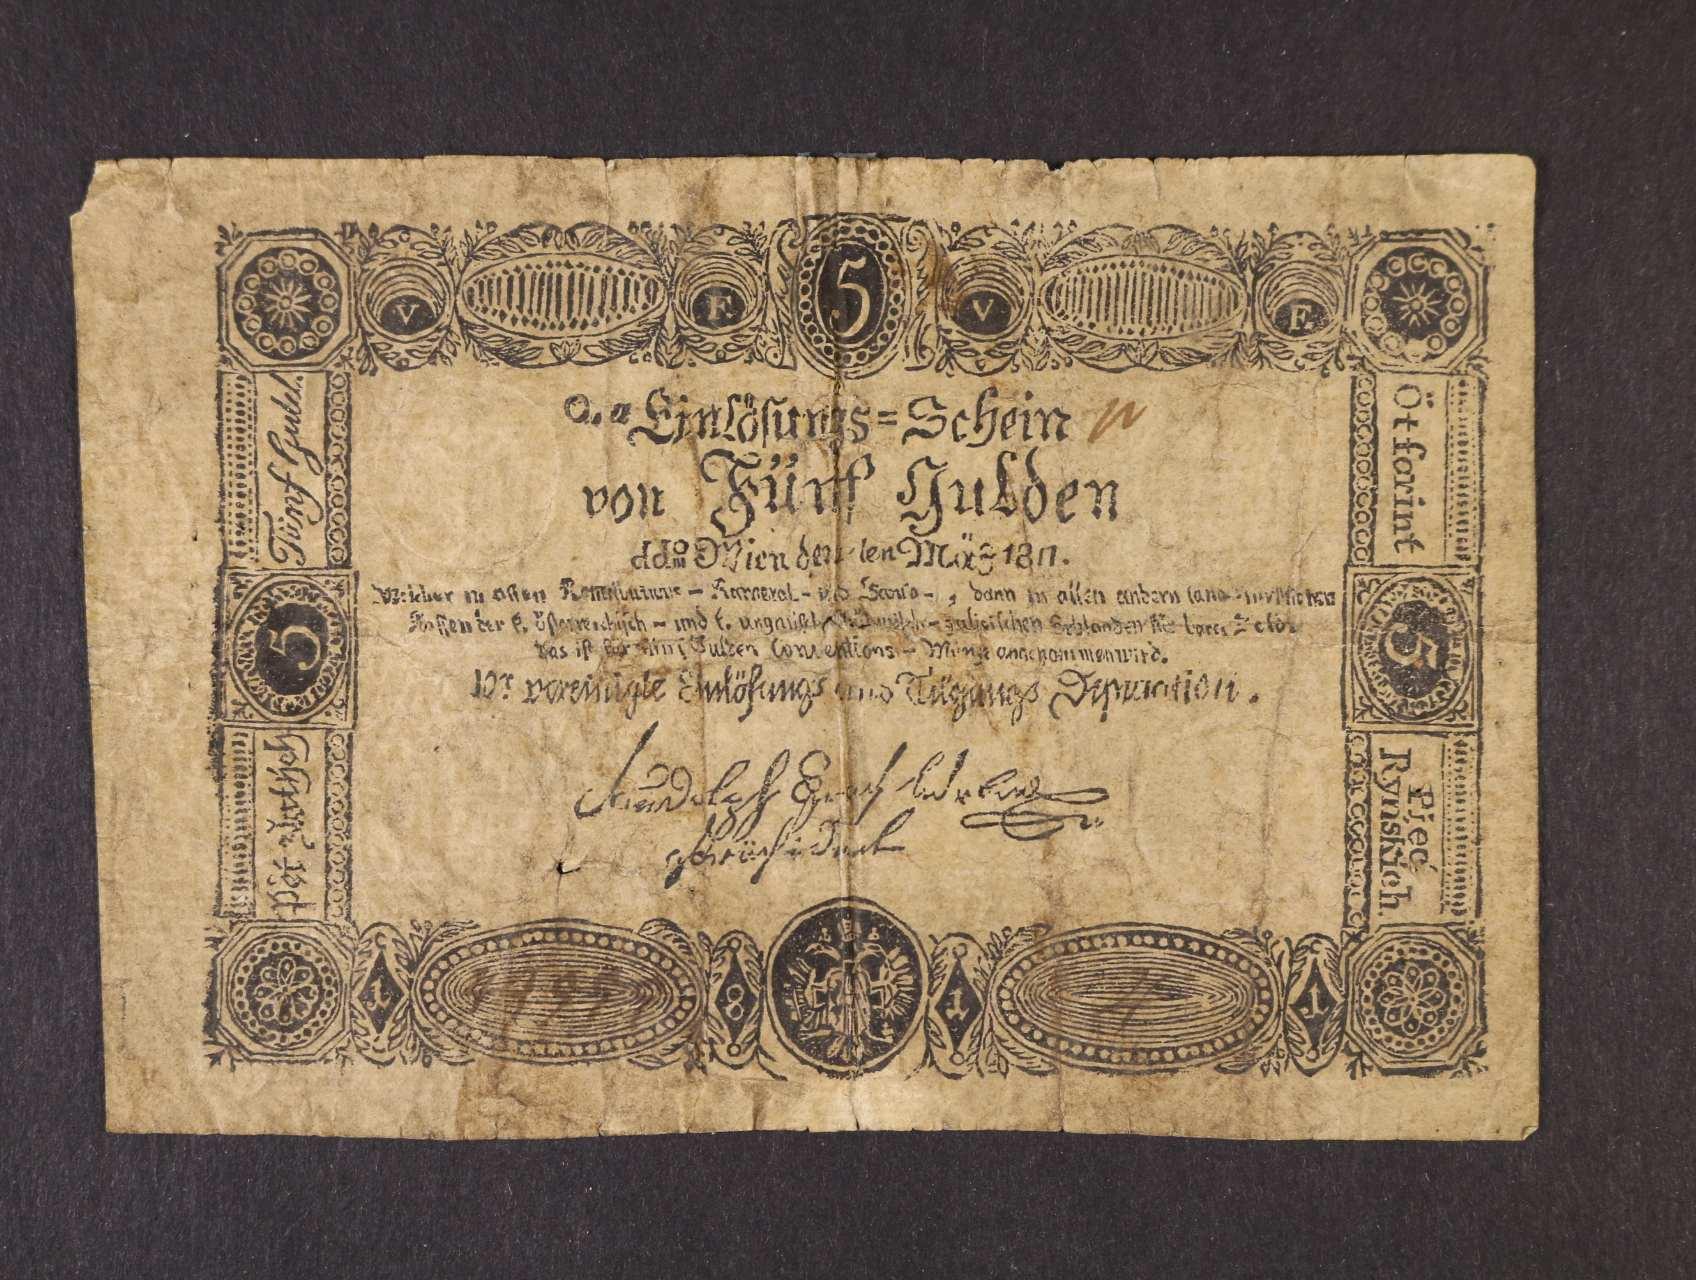 5 Gulden 1.3.1811 dobový tištěný padělek, Ri. 47